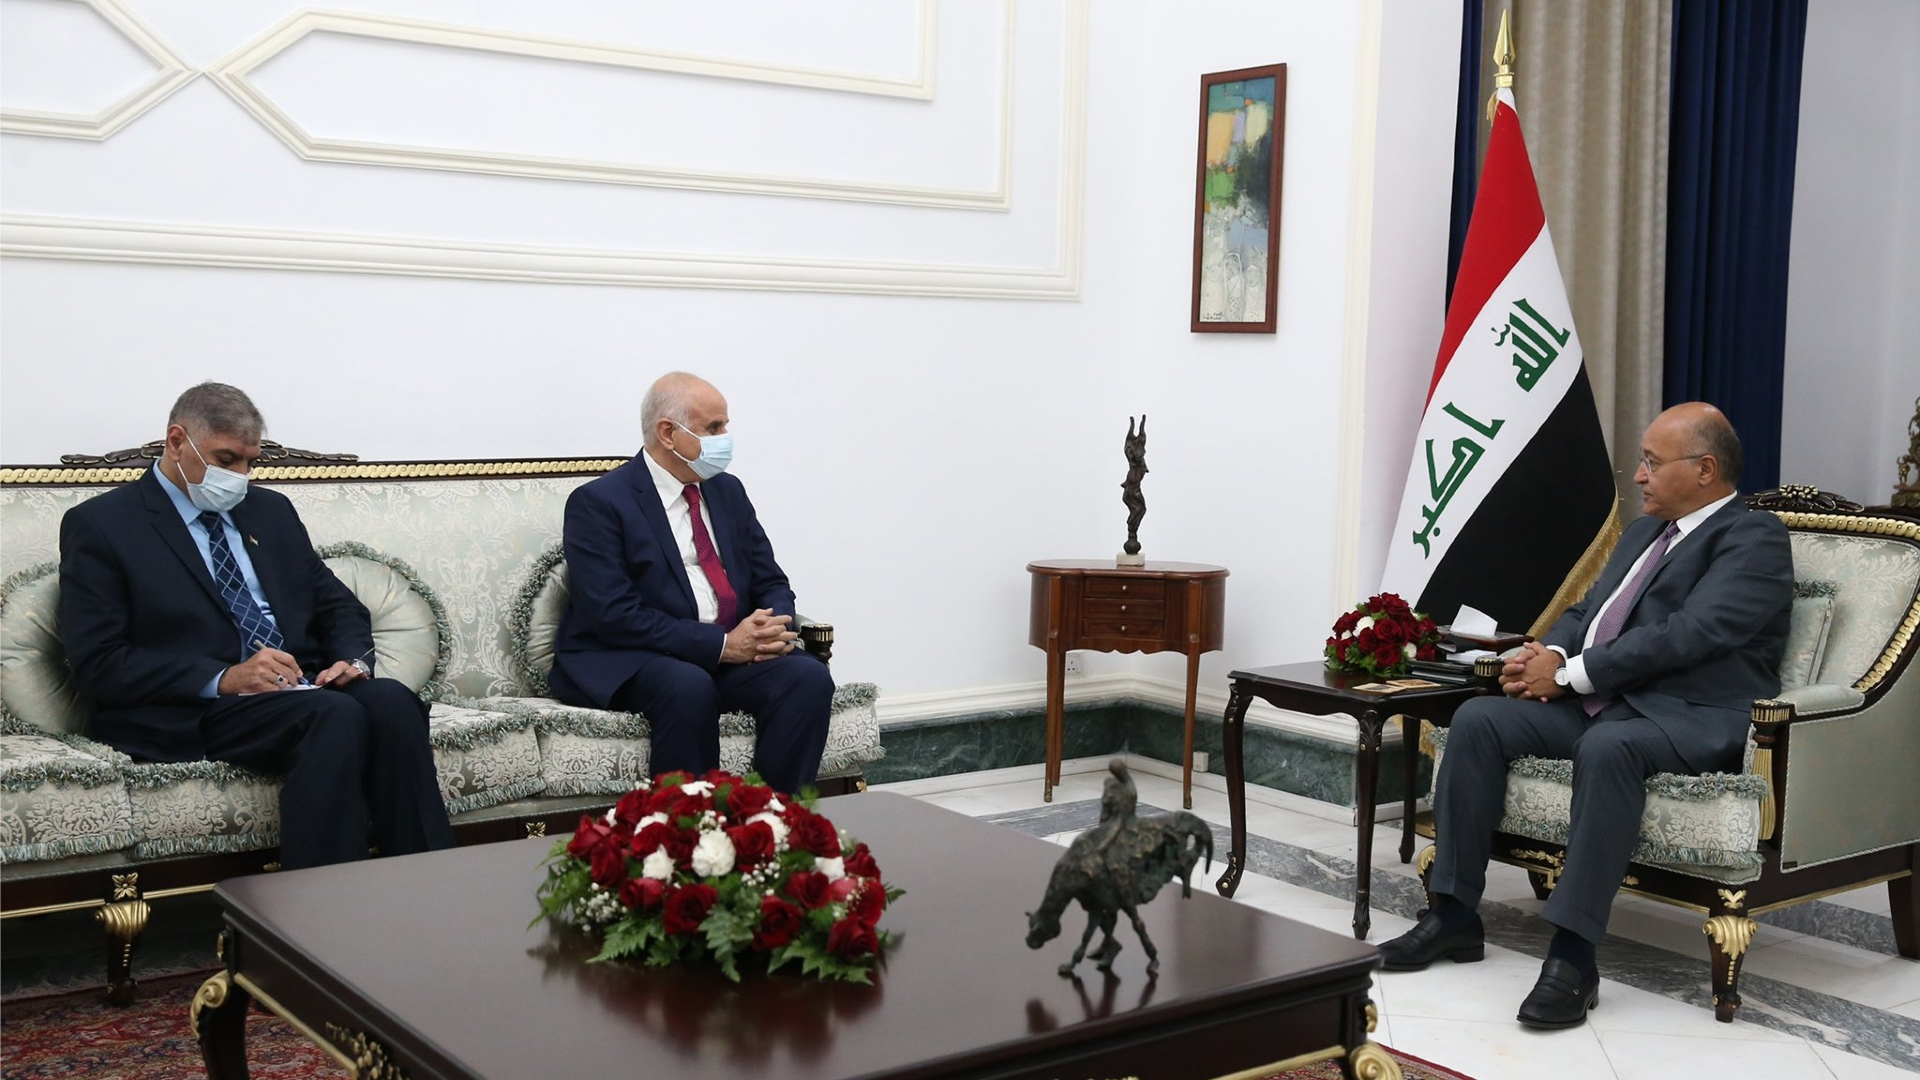 رئيس الجمهورية يؤكد موقف العراق الثابت في دعم الشعب الفلسطيني